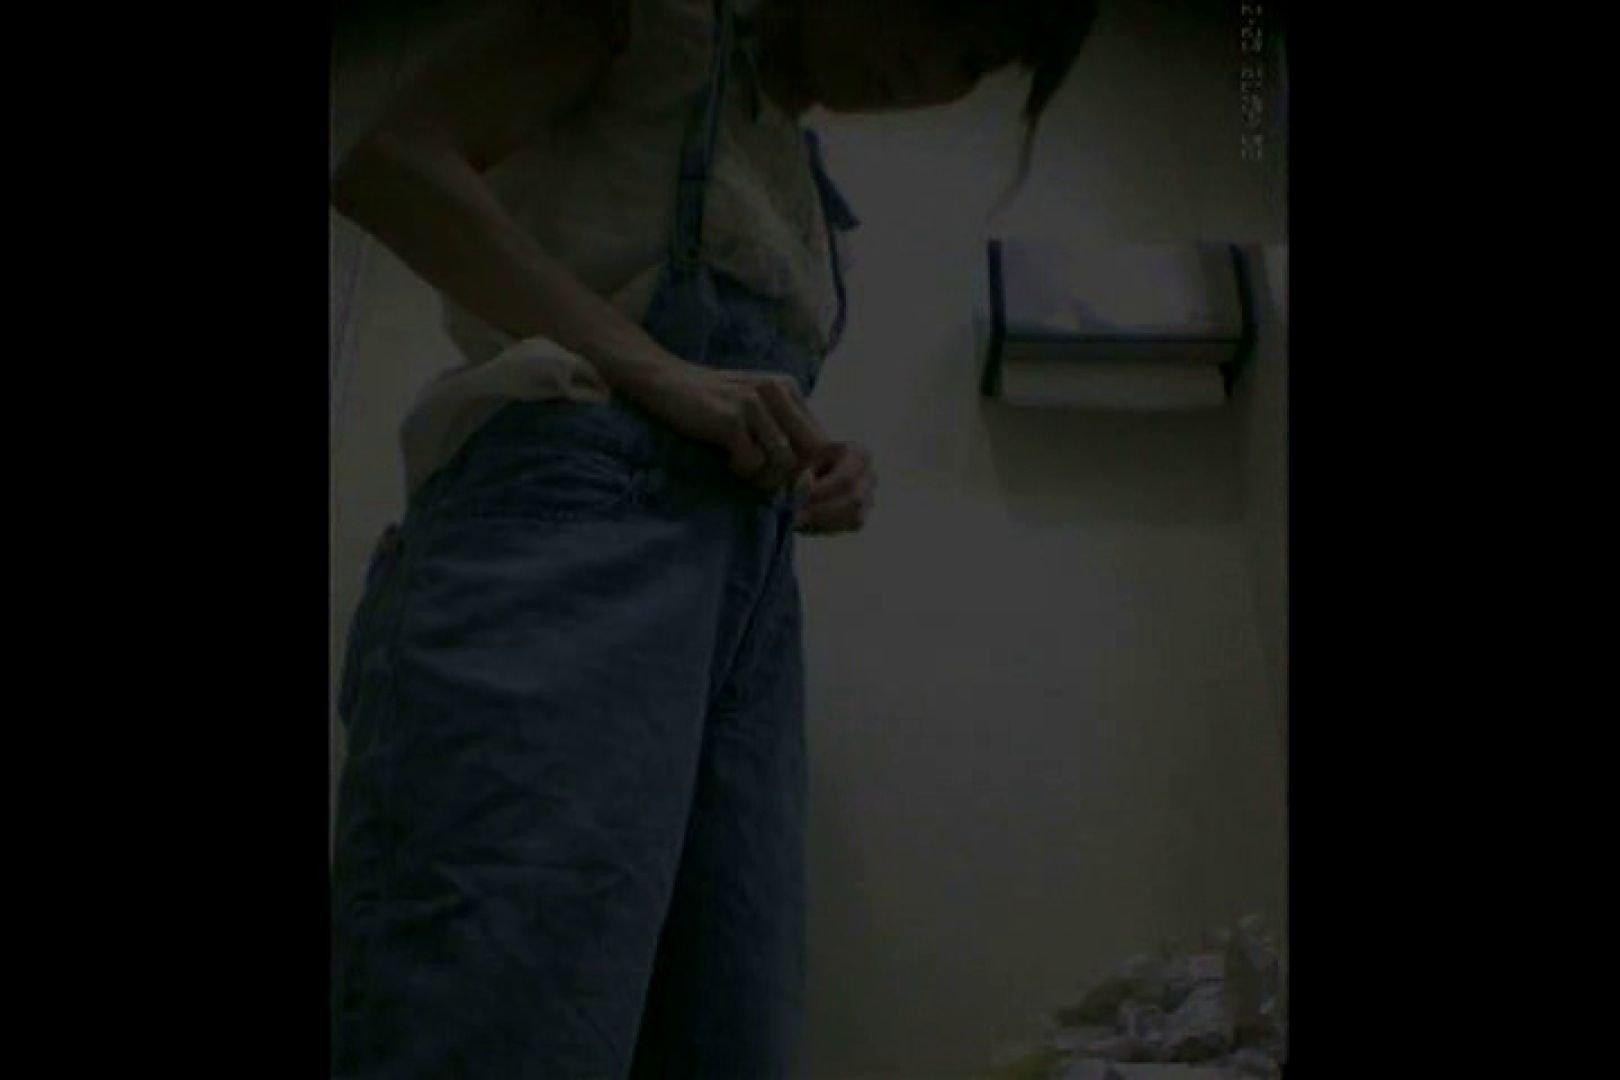 美女洗面所!痴態の生現場その09 プライベート SEX無修正画像 79画像 14